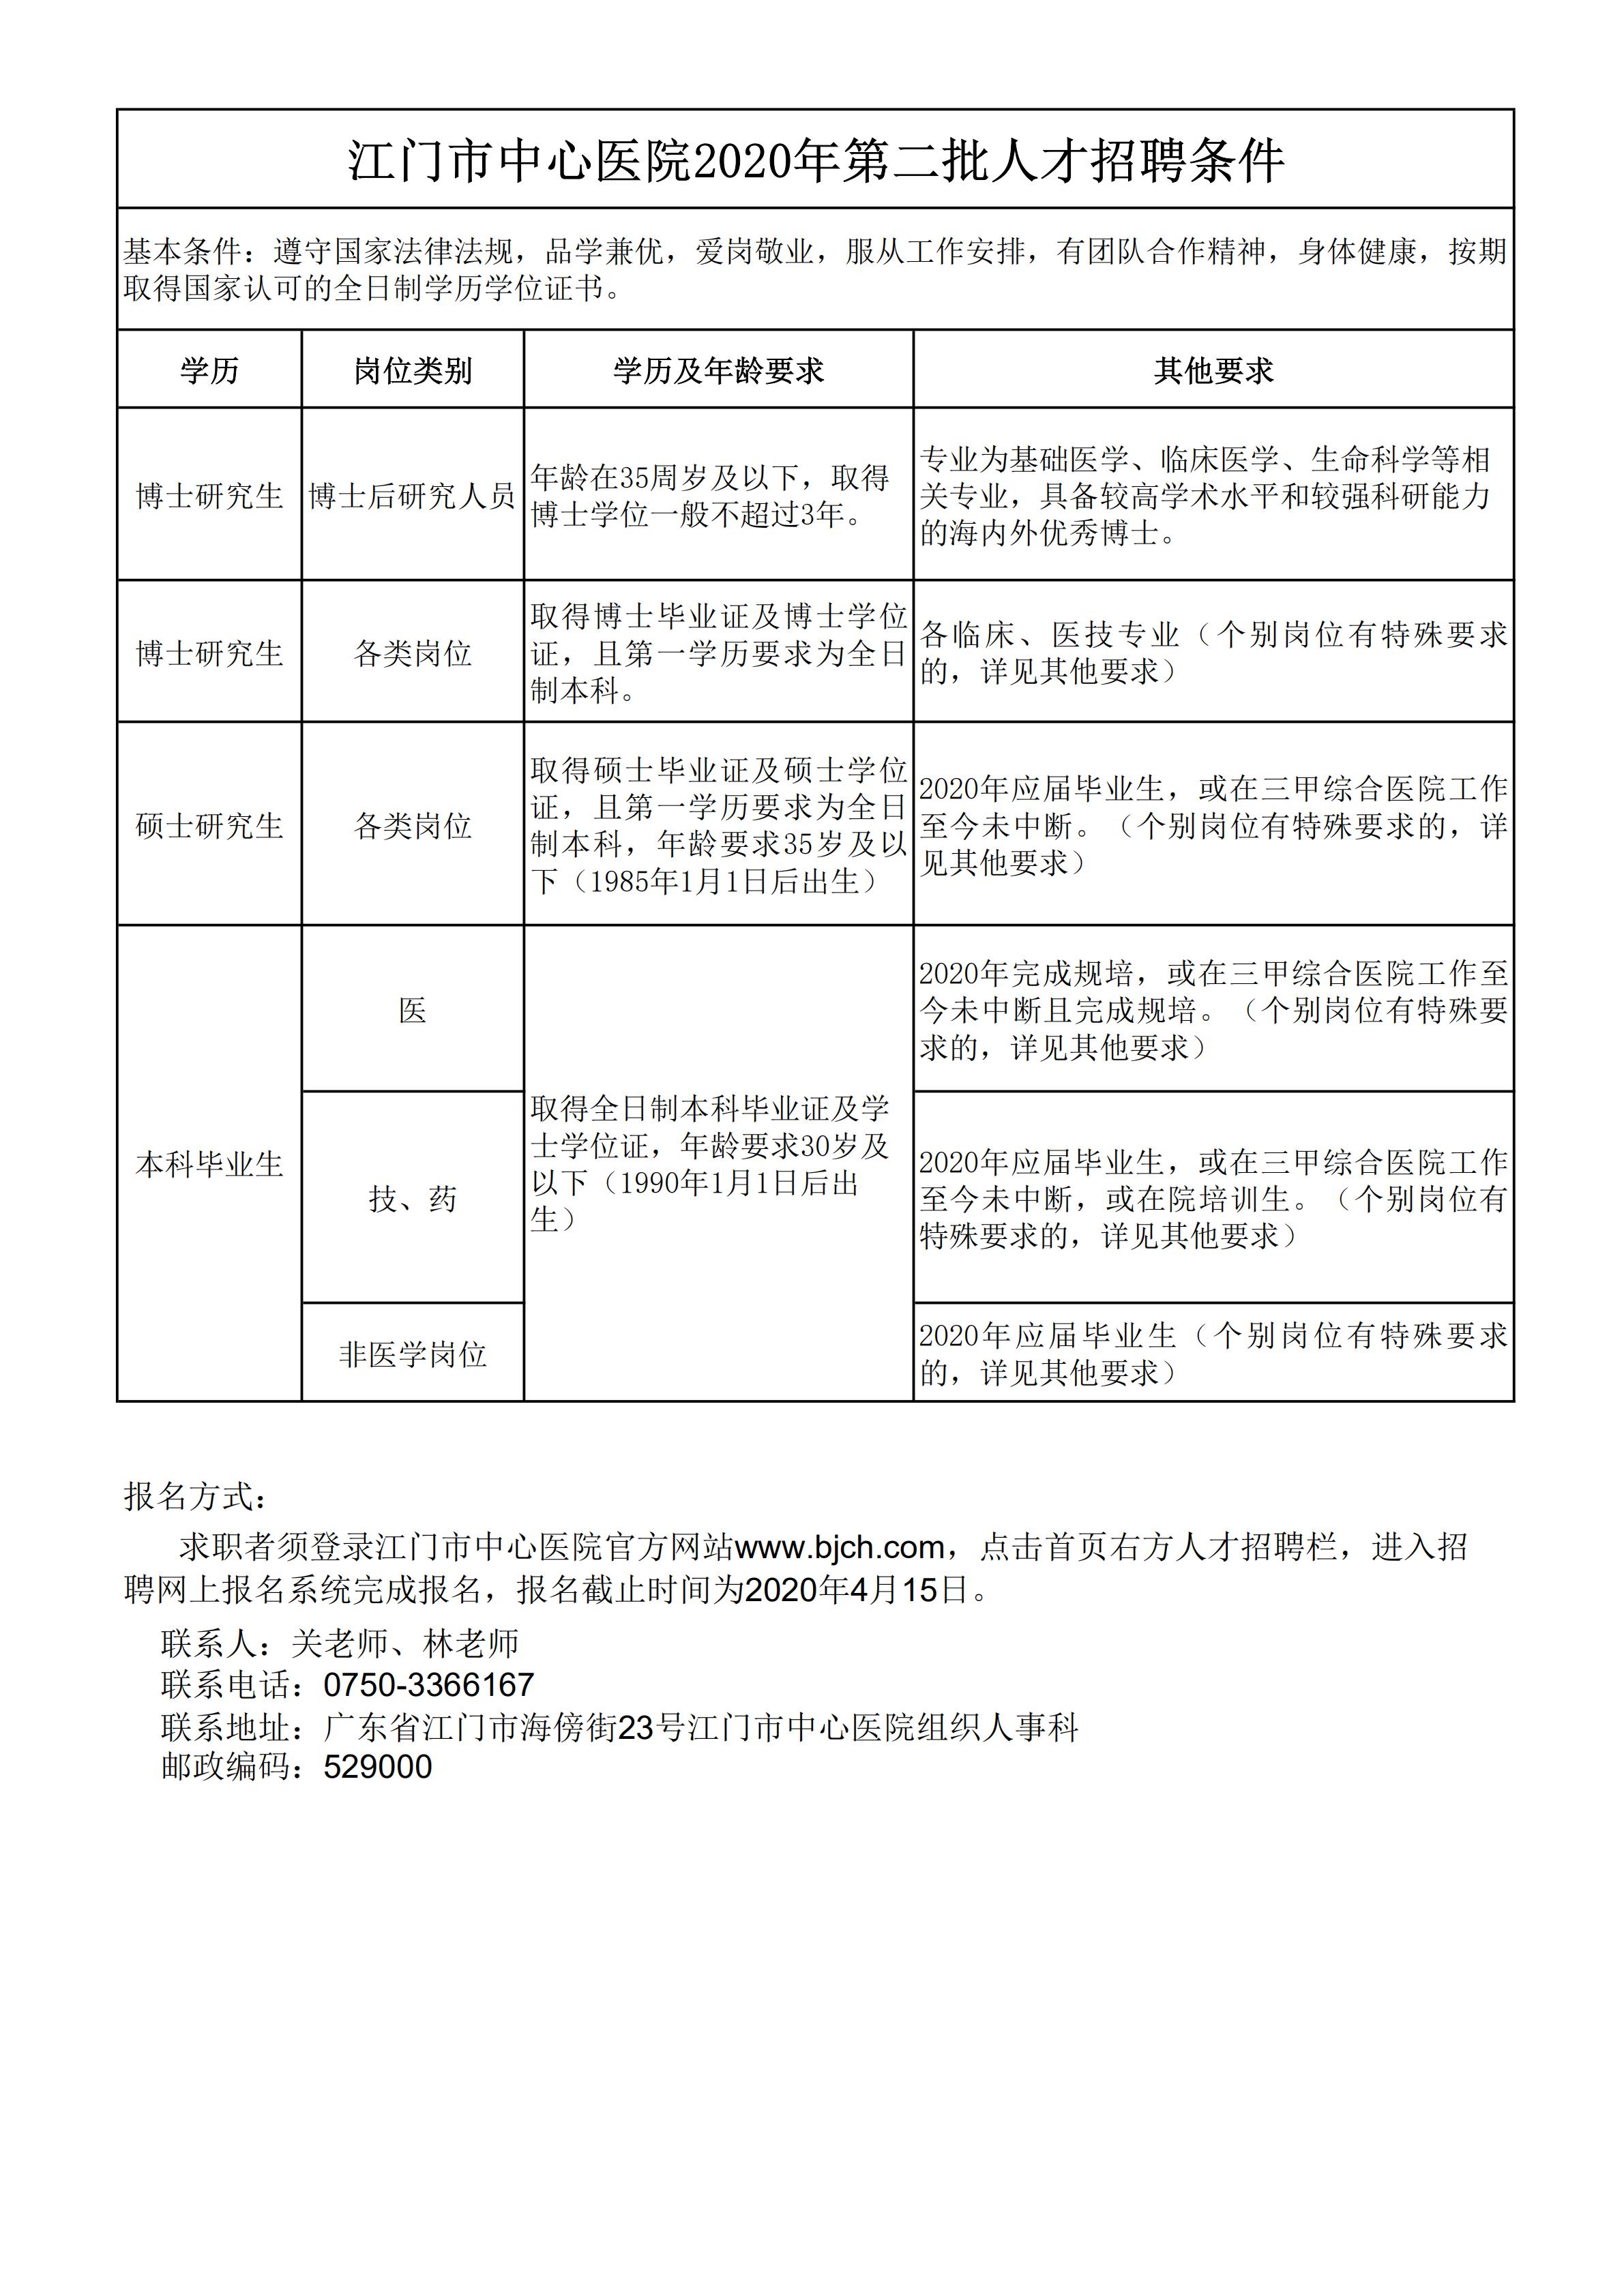 2020年江门市中心医院第二批人才招聘公告图3